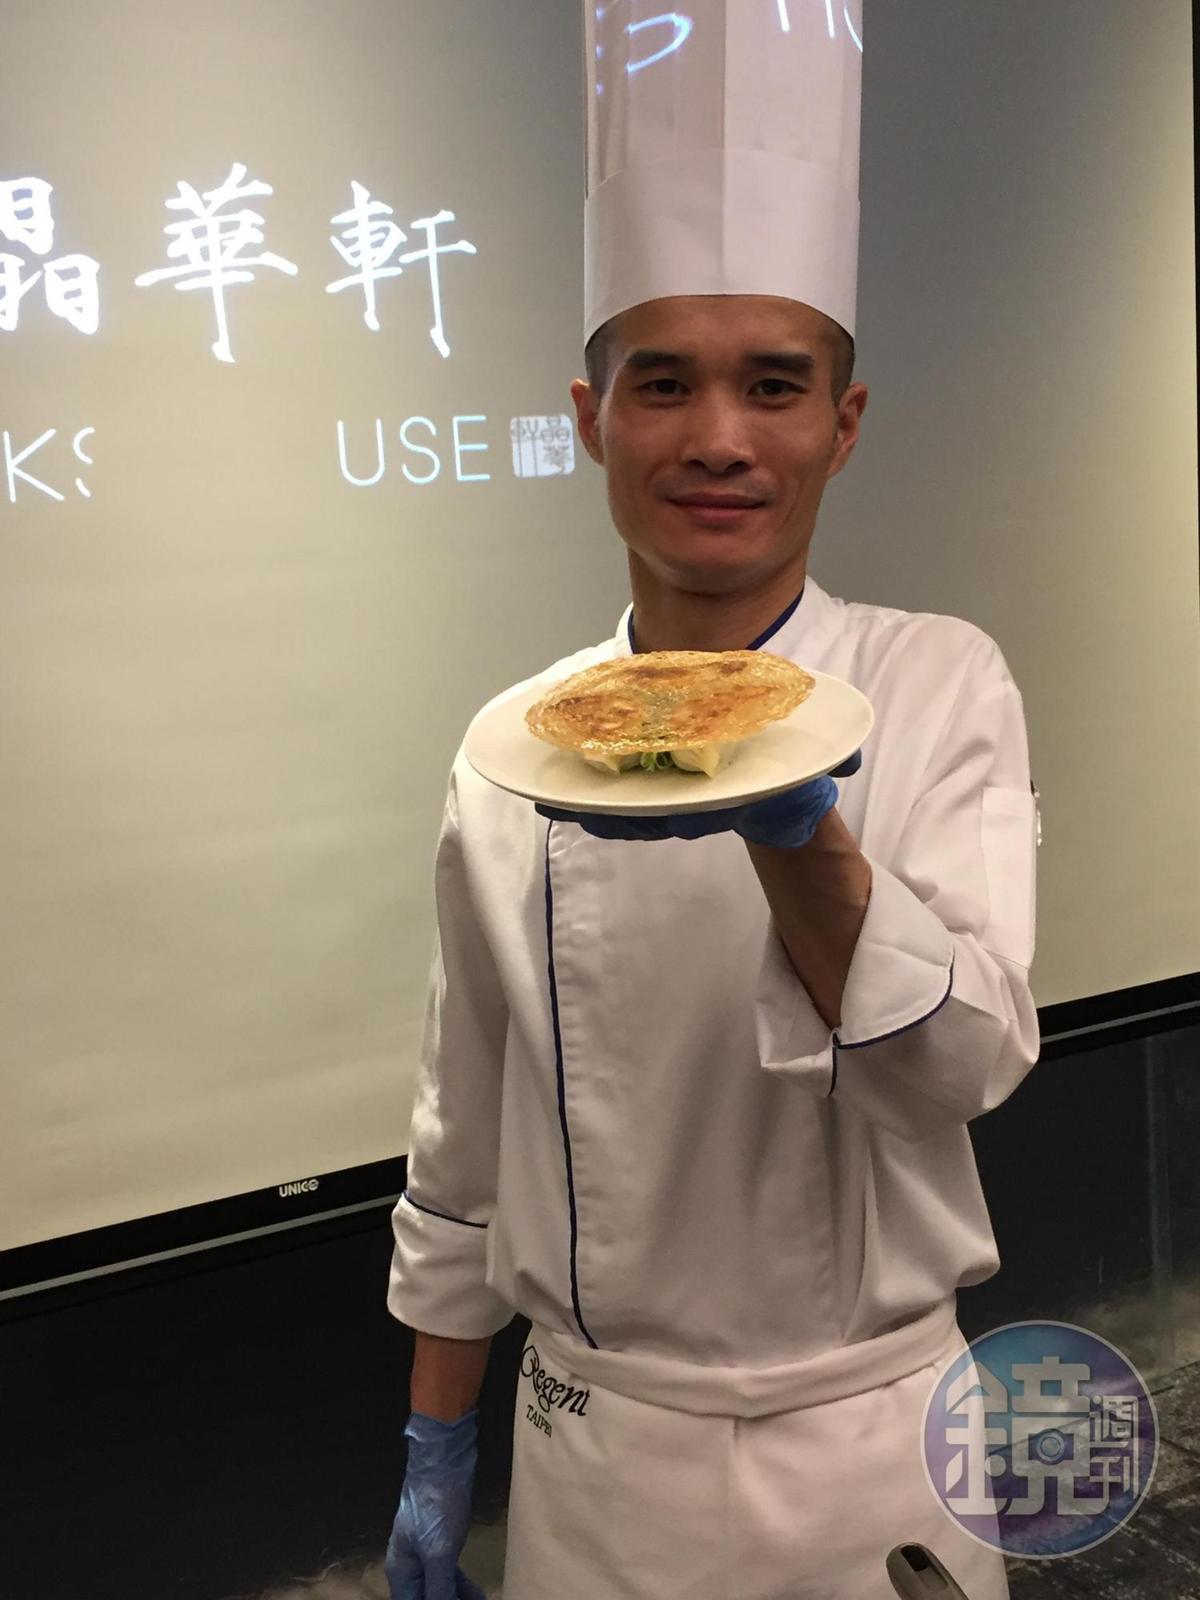 中式點心行政主廚吳滿權,有深厚的港點實力。